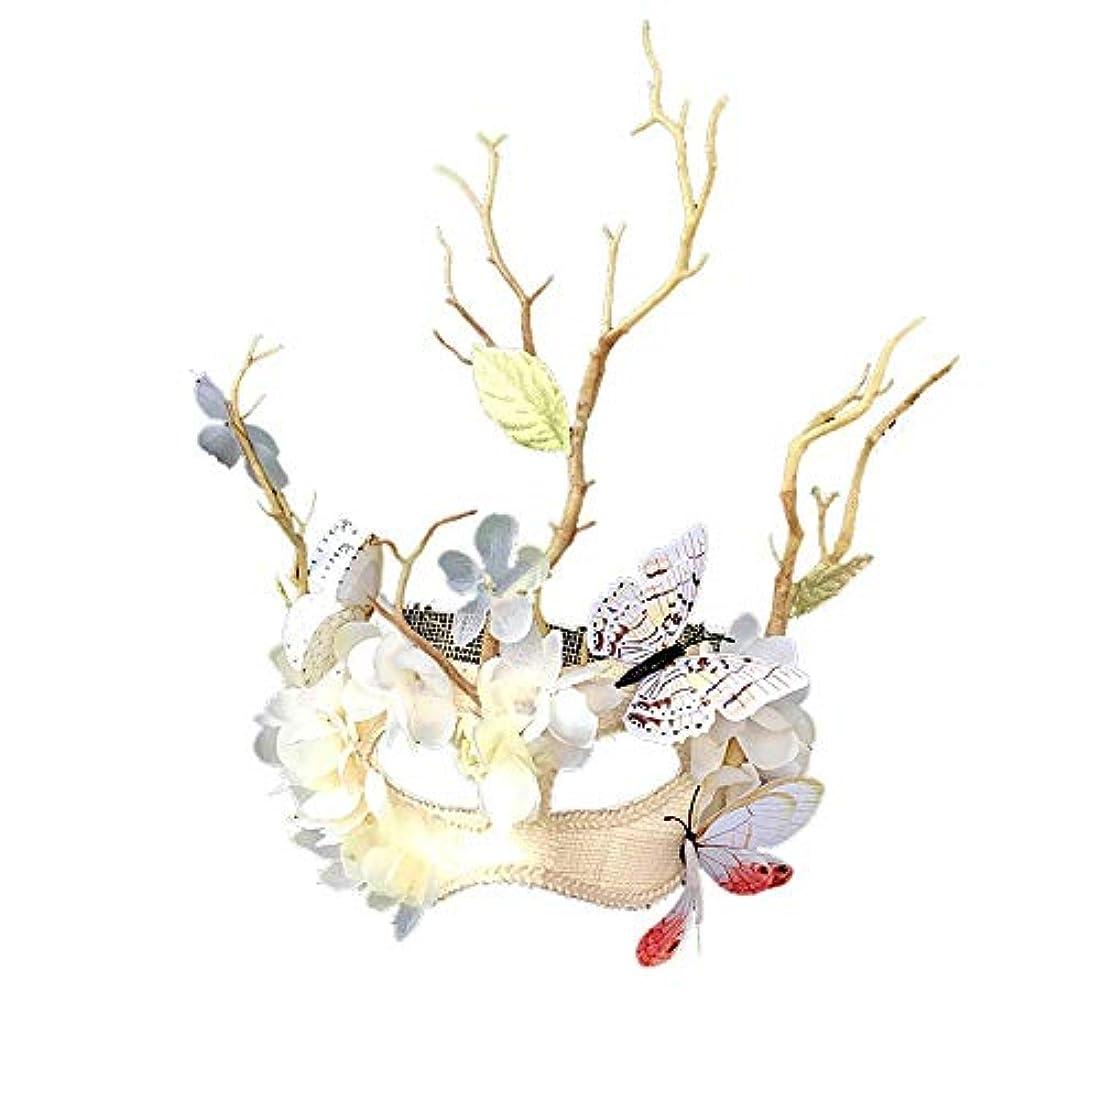 まだトラクター鋭くNanle ハロウィンの蝶の木ブランチマスク仮装マスクレディミスプリンセス美容祭パーティーデコレーション (色 : ベージュ)